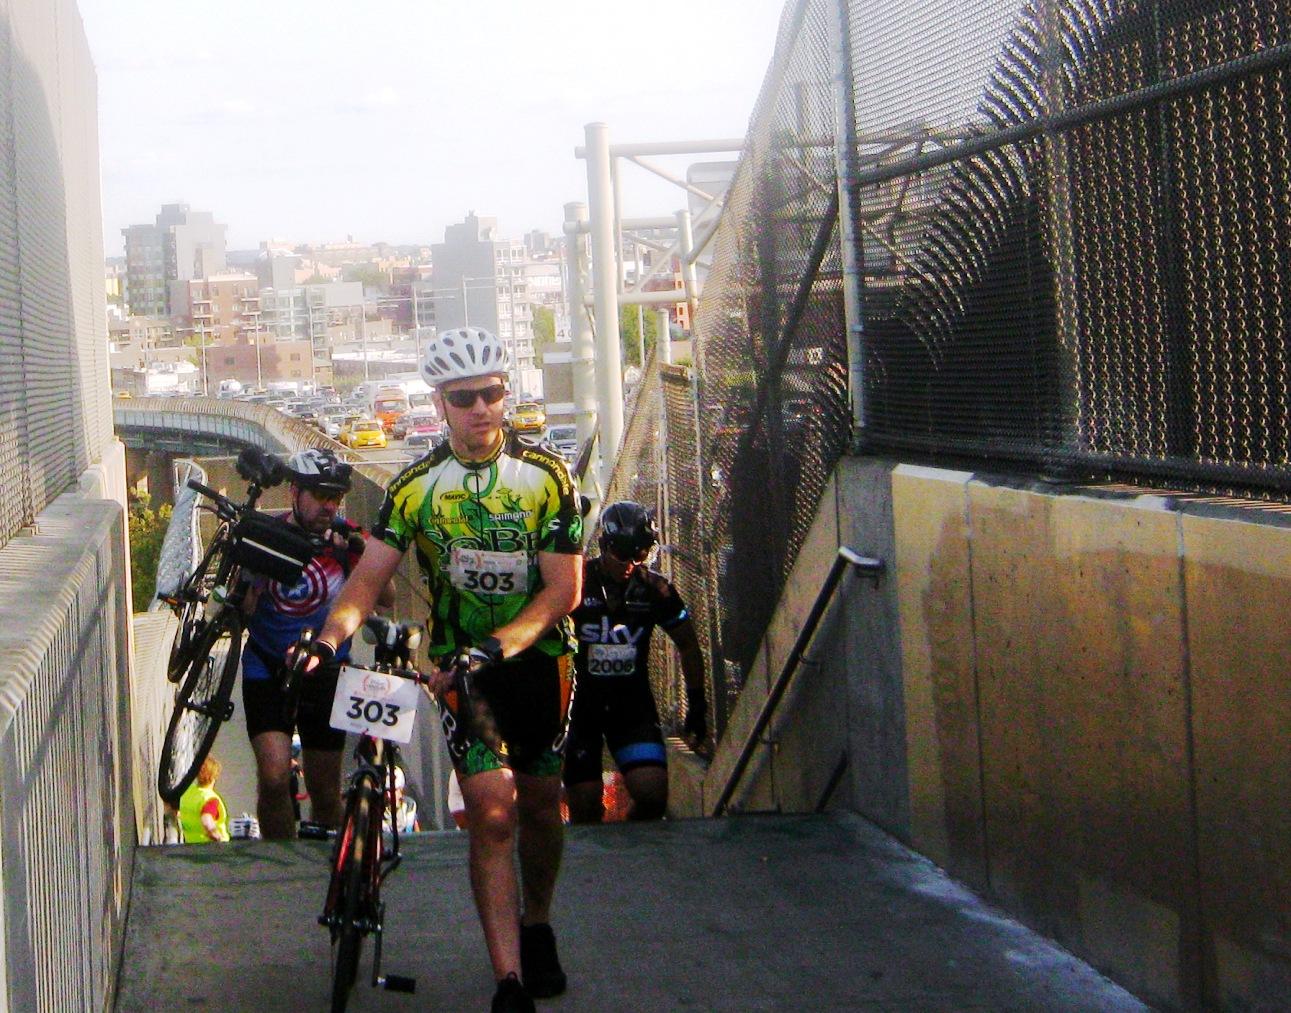 トライボロー橋の階段を上ってくるサイクリストたち。